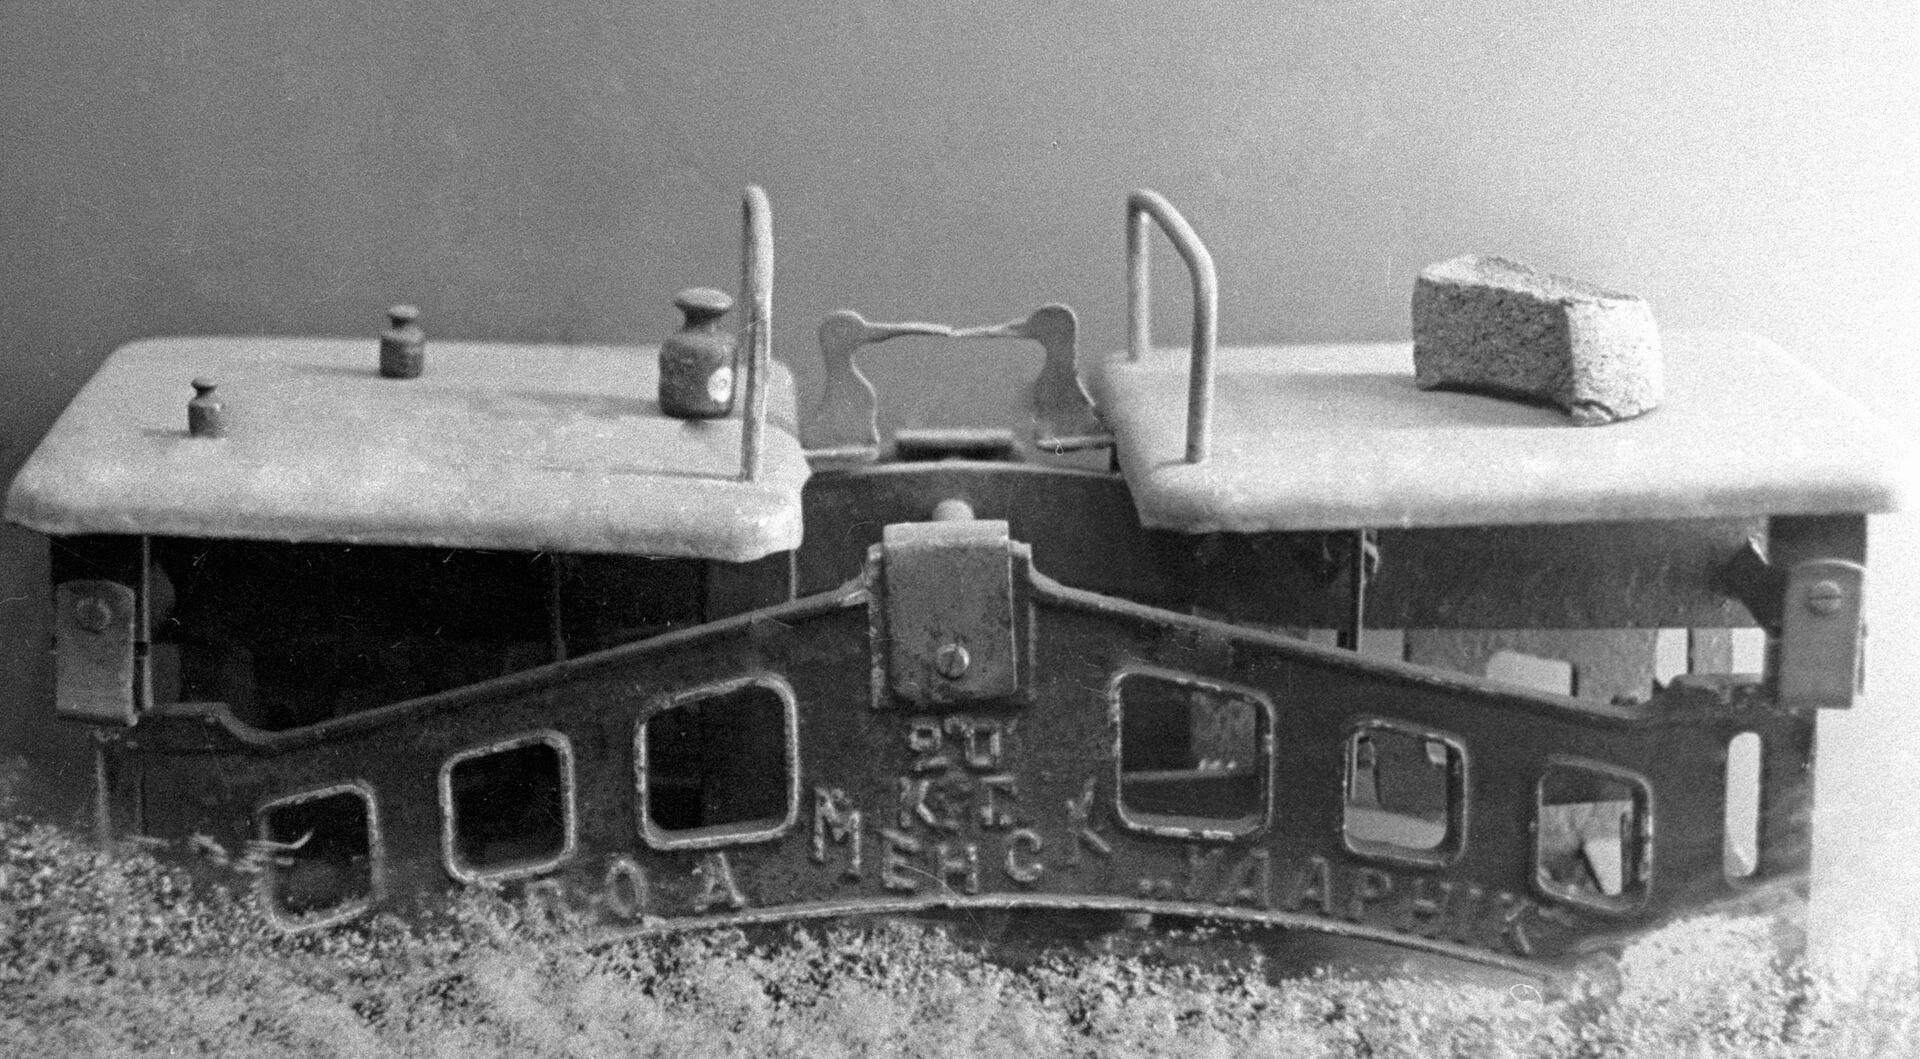 Tägliches Brot für die Bewohner des belagerten Leningrads während des Zweiten Weltkrieges - SNA, 1920, 08.09.2021